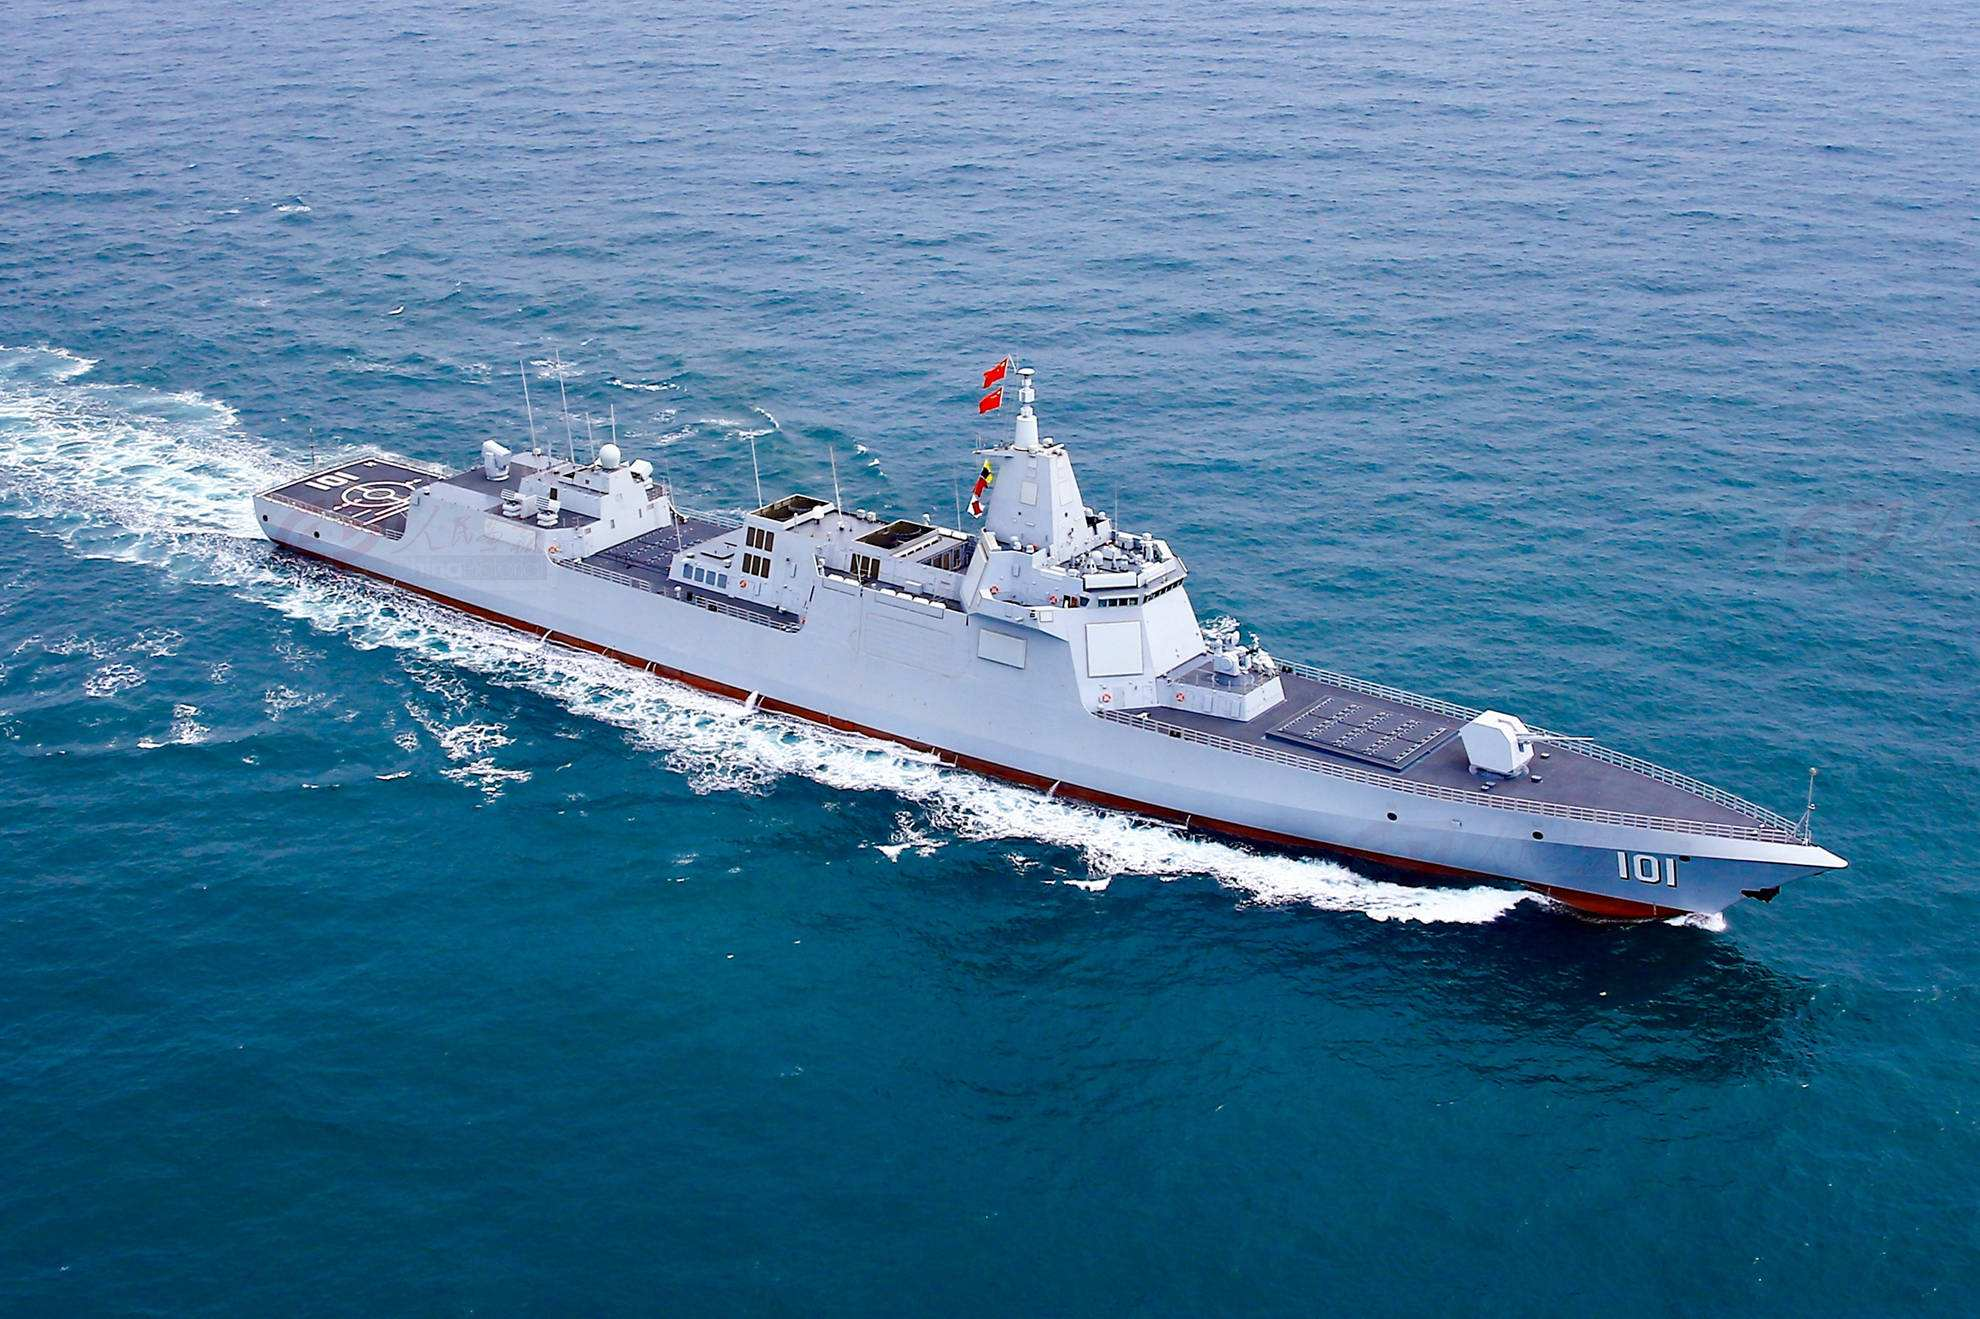 055型驱逐舰首次披露新能力!反隐身、反卫星为我军赢得关键优势